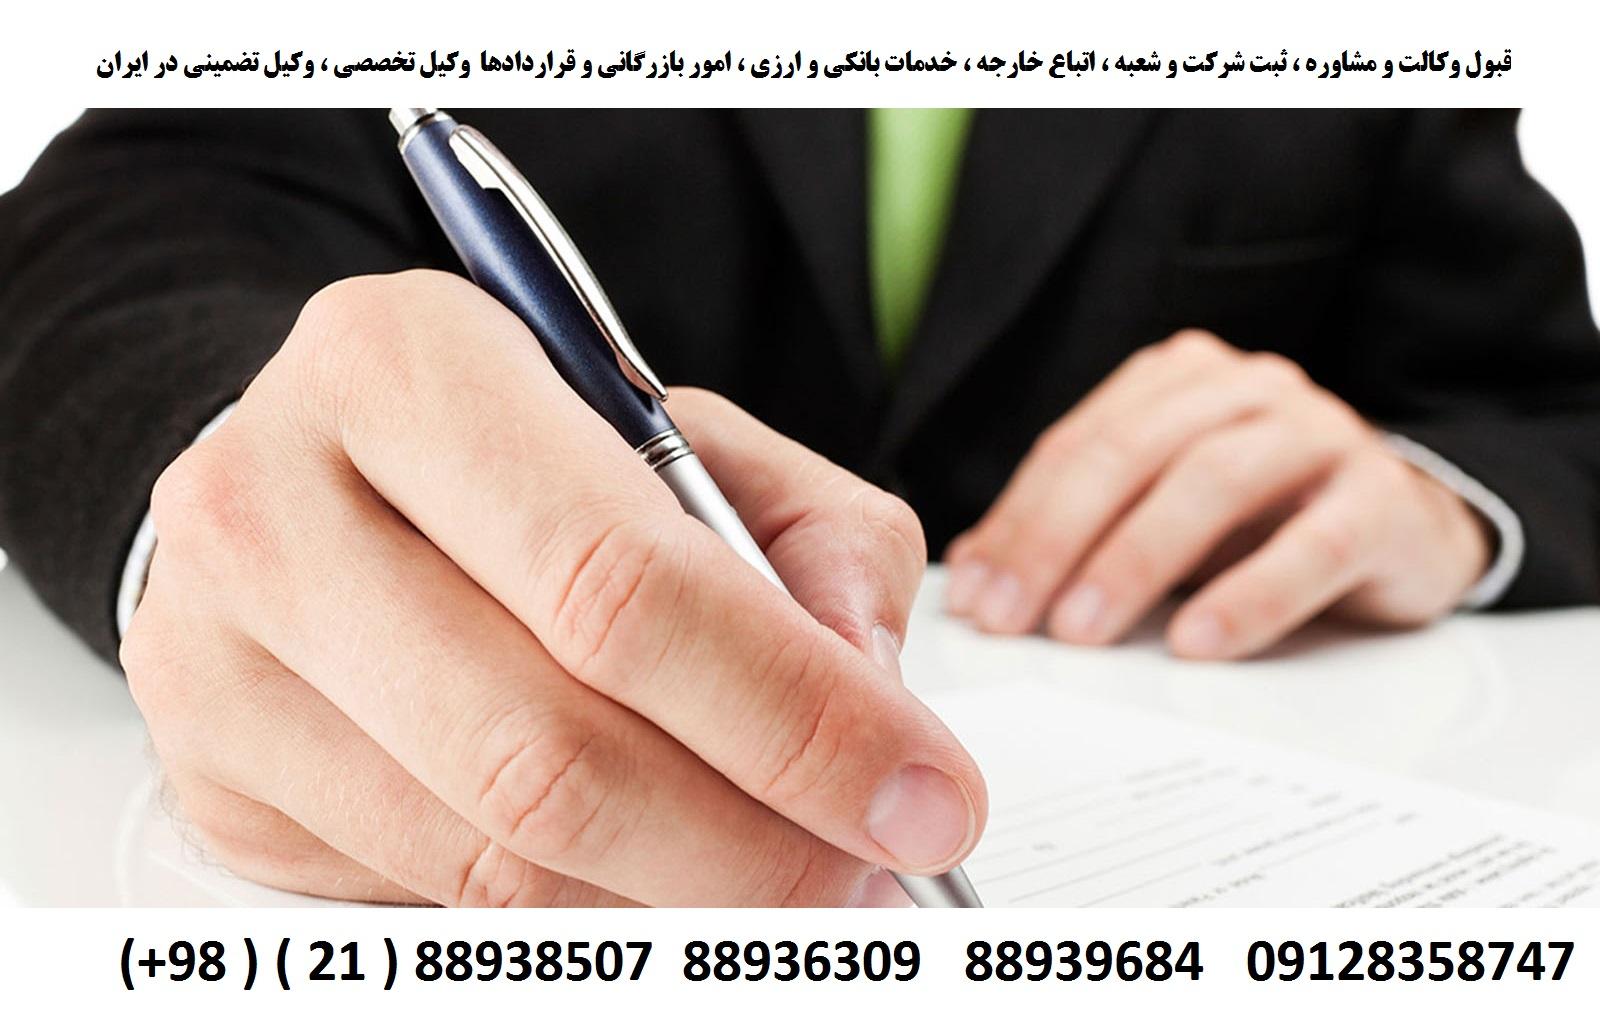 قبول وکالت و مشاوره ، ثبت شرکت و شعبه ، خدمات بانکی و ارزی ، بازرگانی (5)